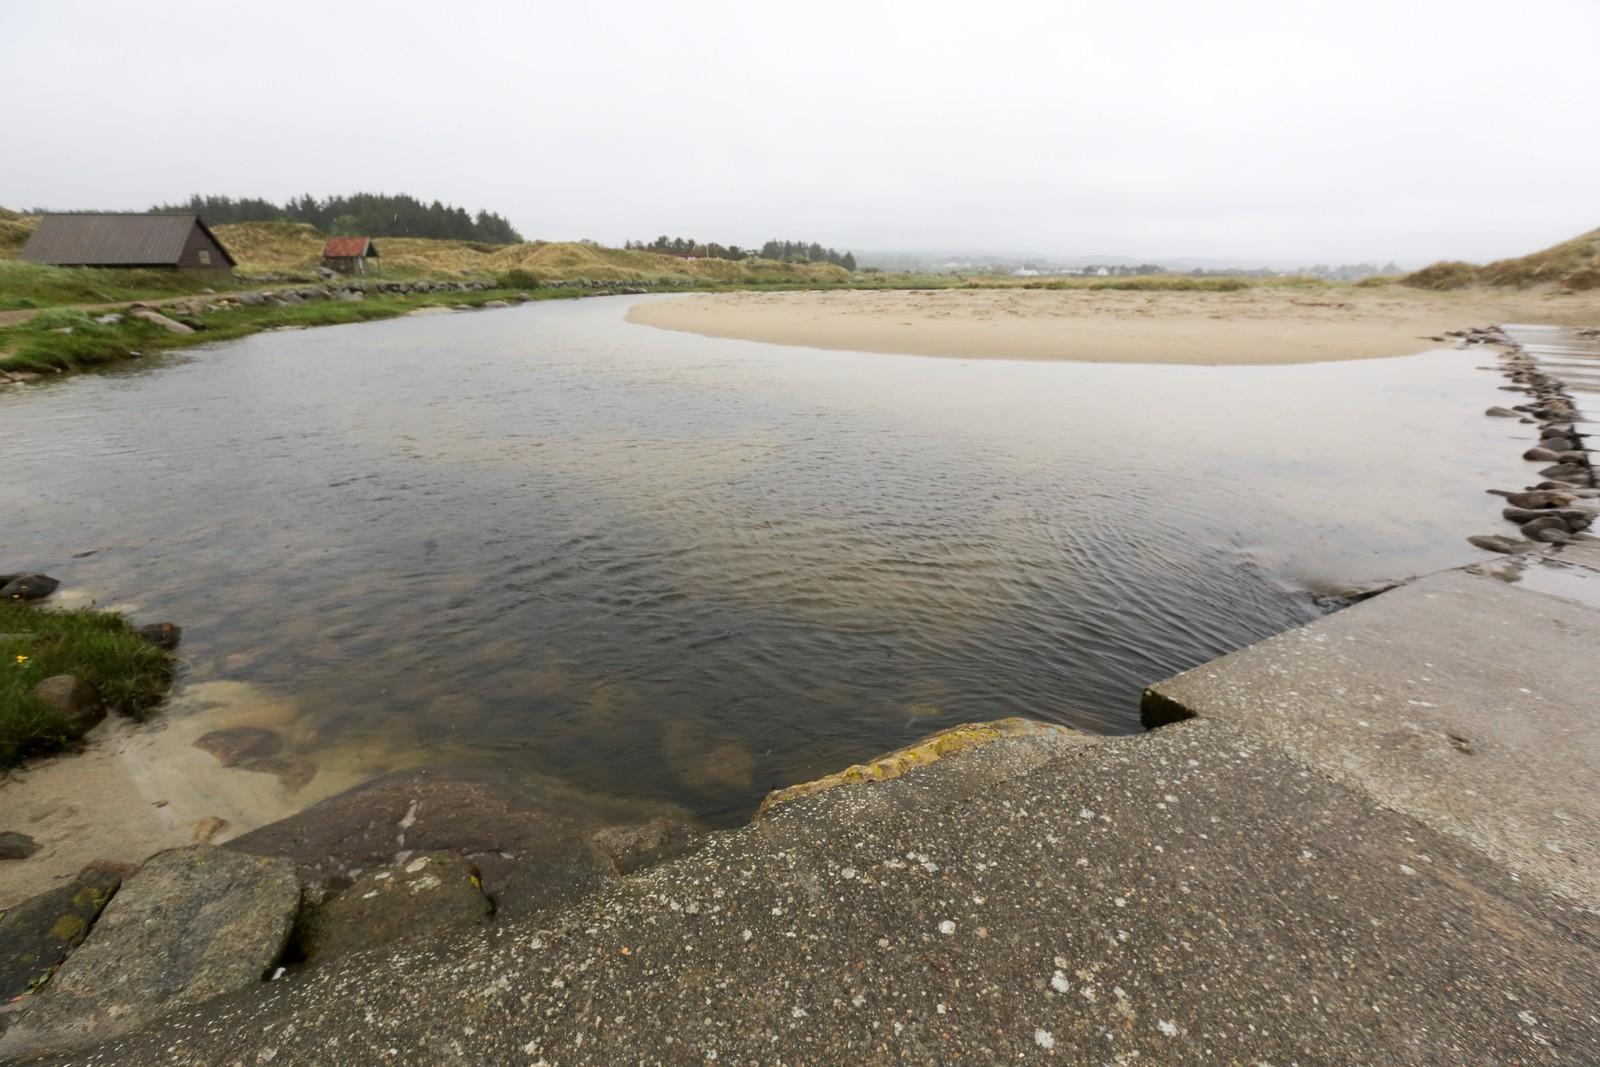 Elva som renner ut i sjøen på Brusand er rolig, men i sjøen utenfor kan det være kraftige understrømmer. Ifølge politiet ble den omkomne mannen tatt av strømmen.